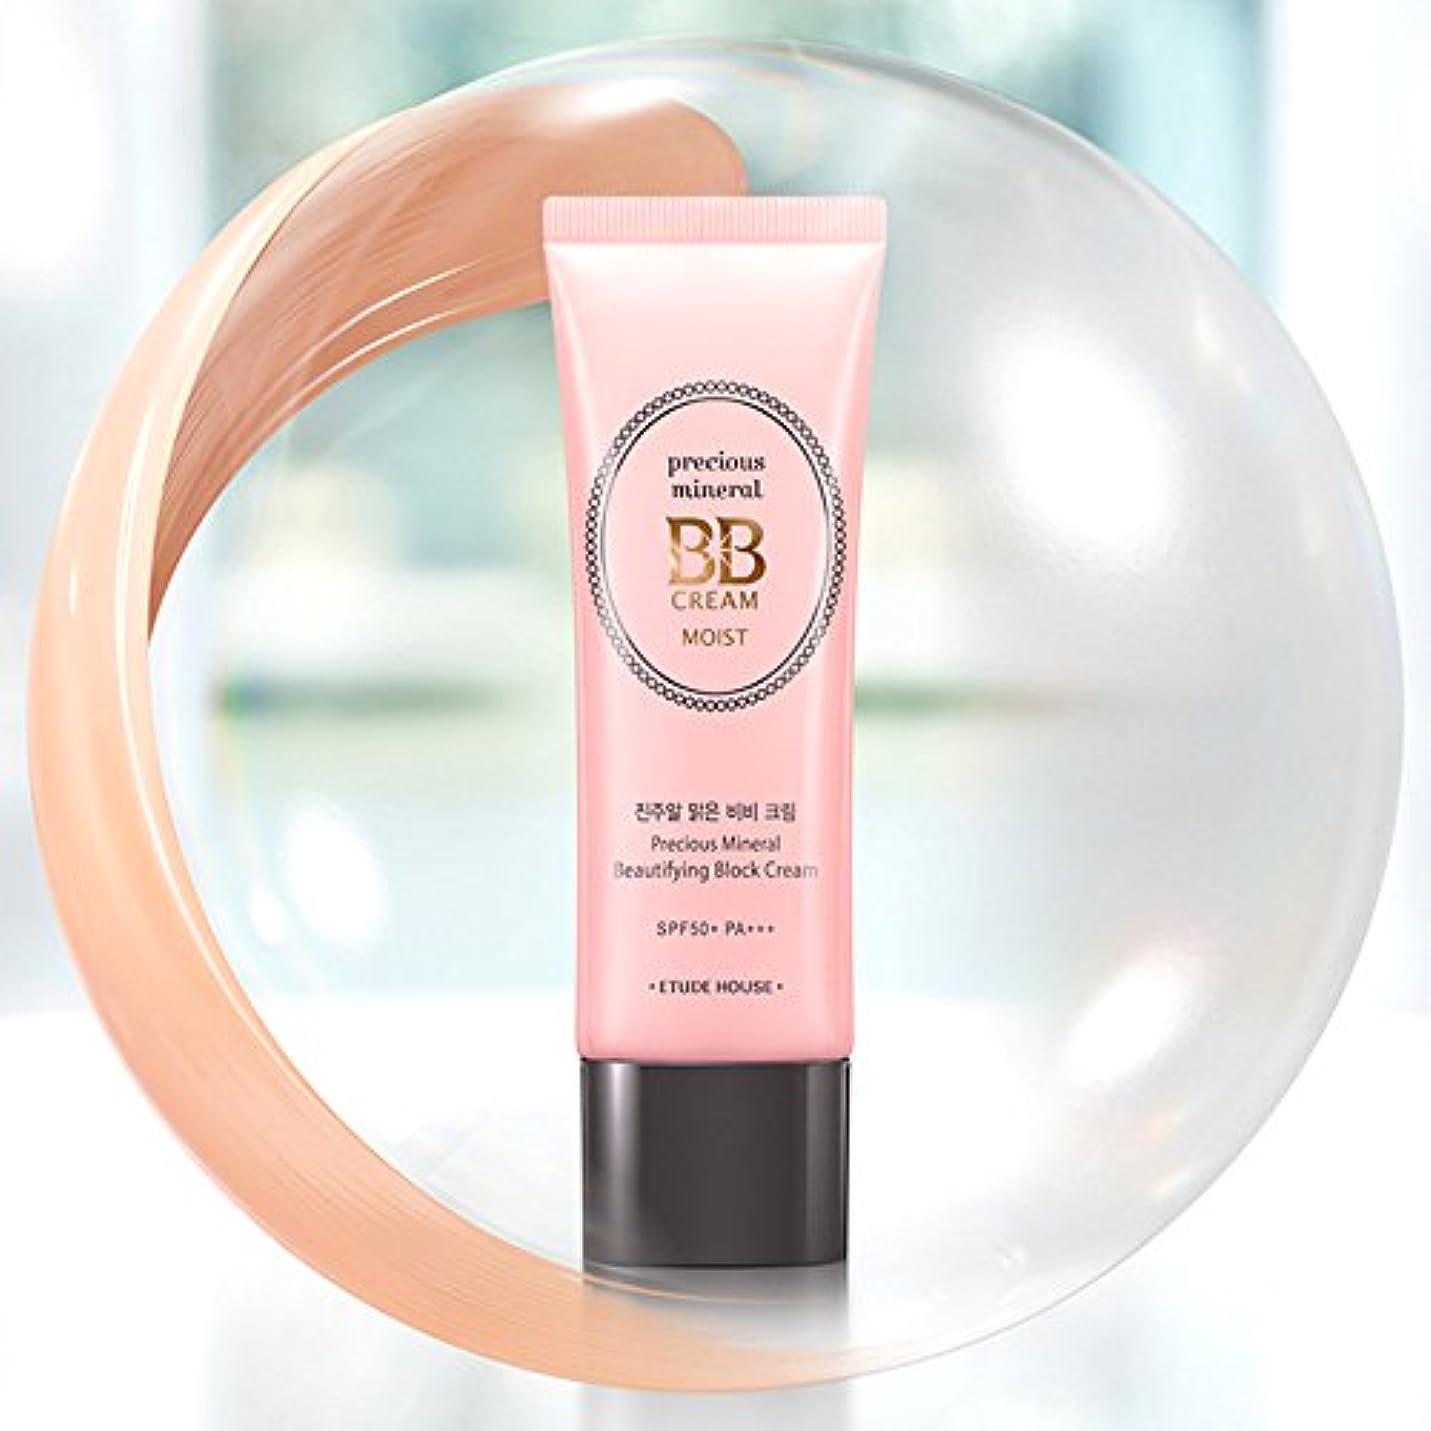 望ましいシアーシアーETUDE HOUSE Precious Mineral BB Cream Moist [ Beige] SPF50+ PA+++ エチュードハウス プレシャスミネラルBBクリーム モイスト [ベージュ] SPF50 +...